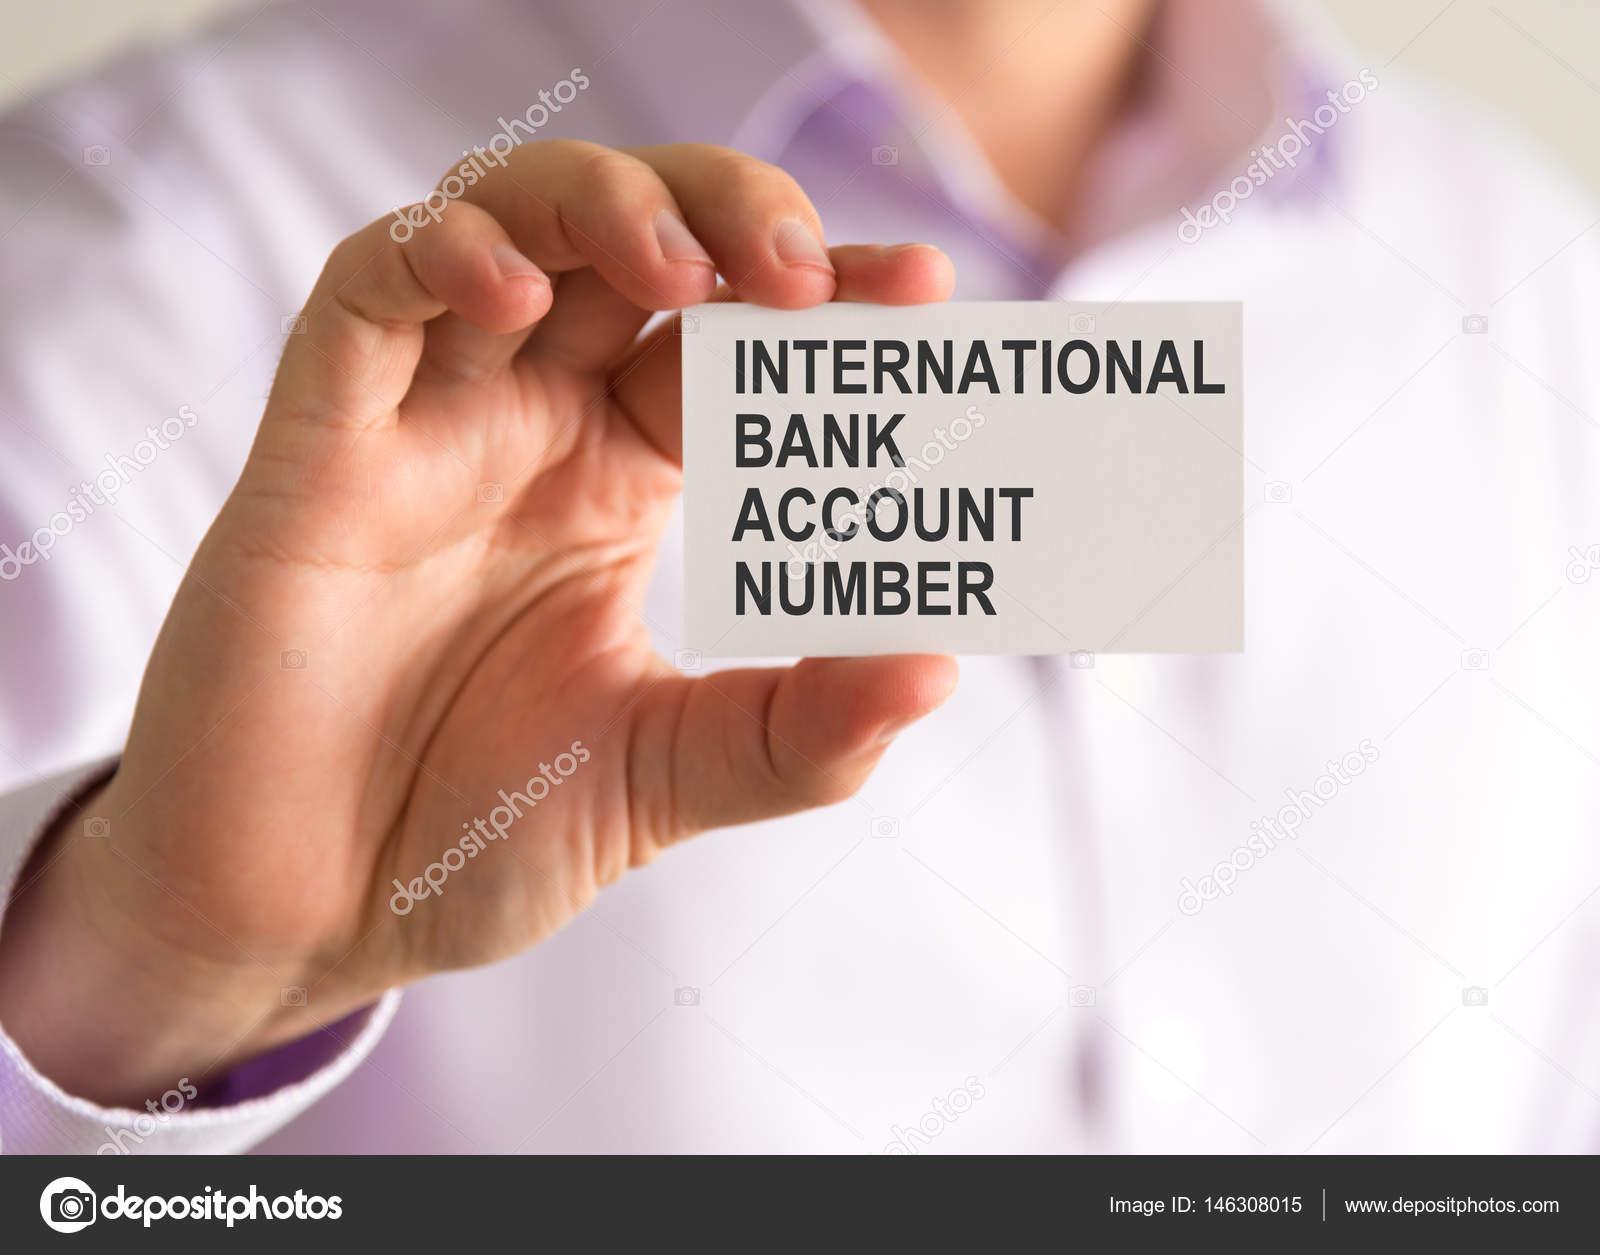 Iban Auf Karte.Geschäftsmann Hielt Eine Karte Mit Iban International Bank Account